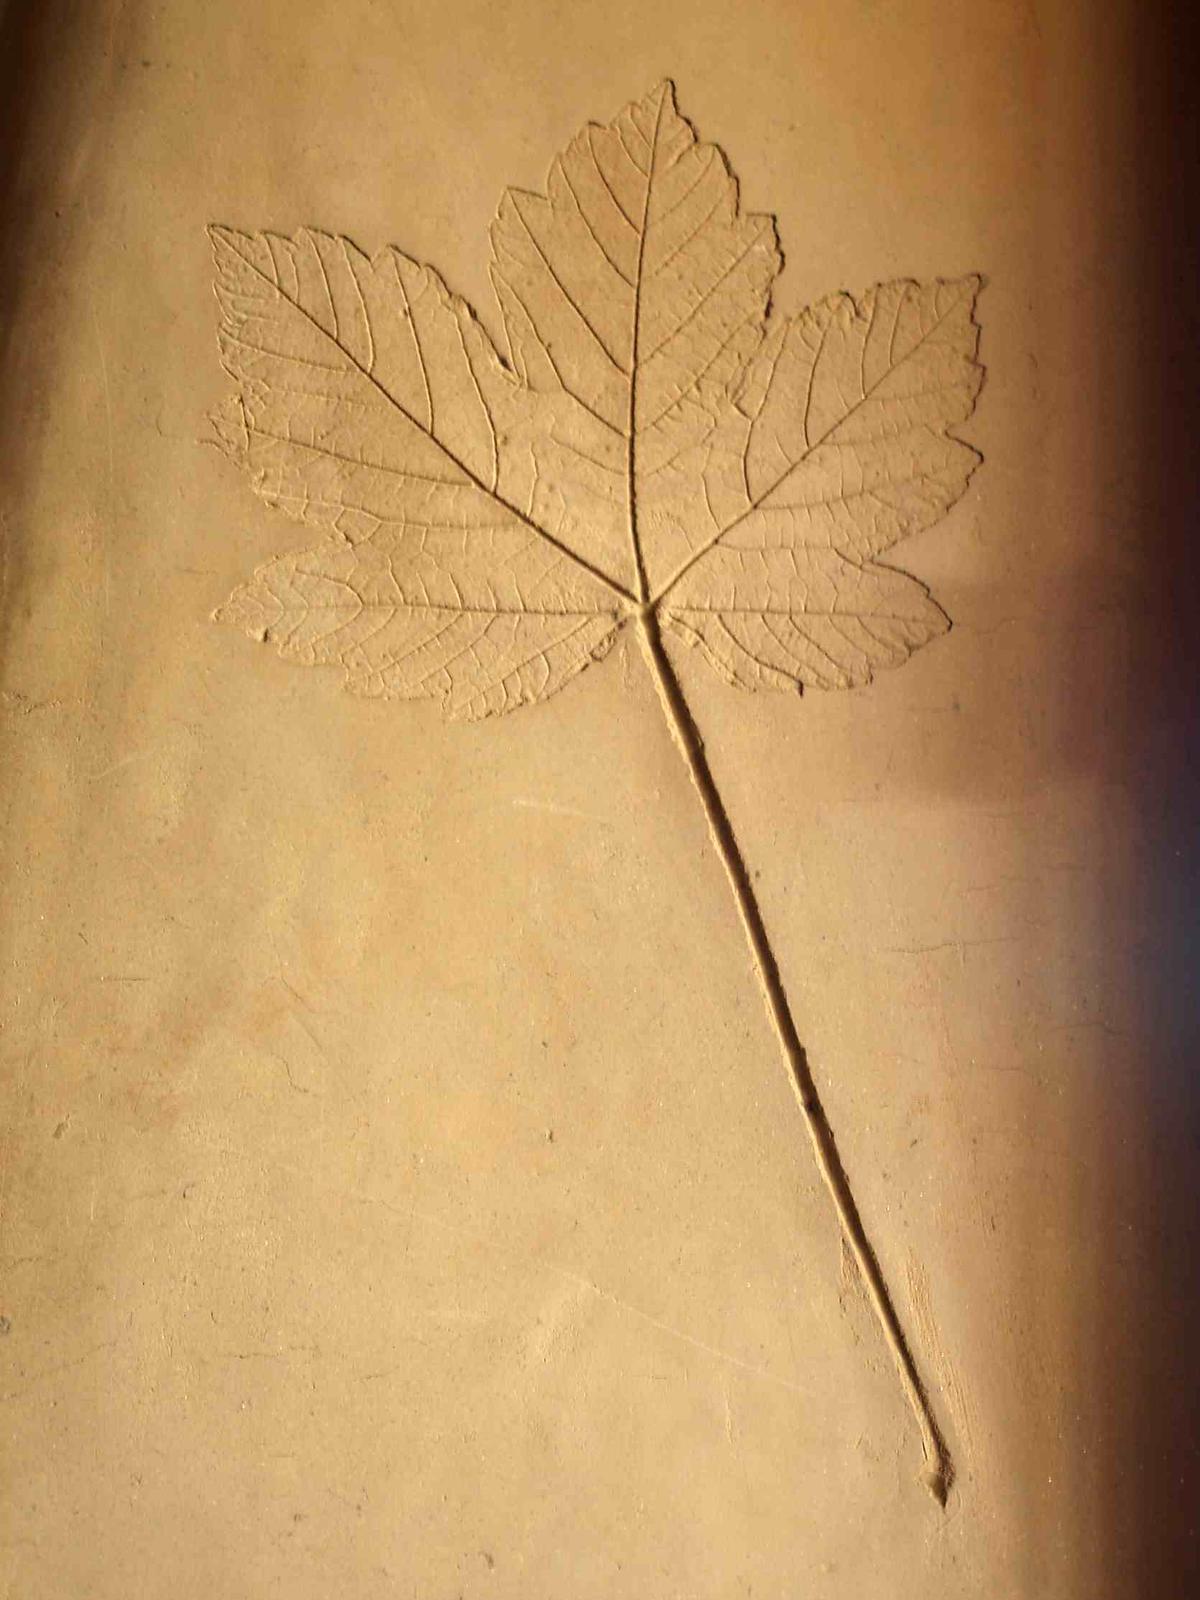 Hlinené omietky a podlahy svojpomocne. - Ten istý javorový list, len lepšie nafotený.